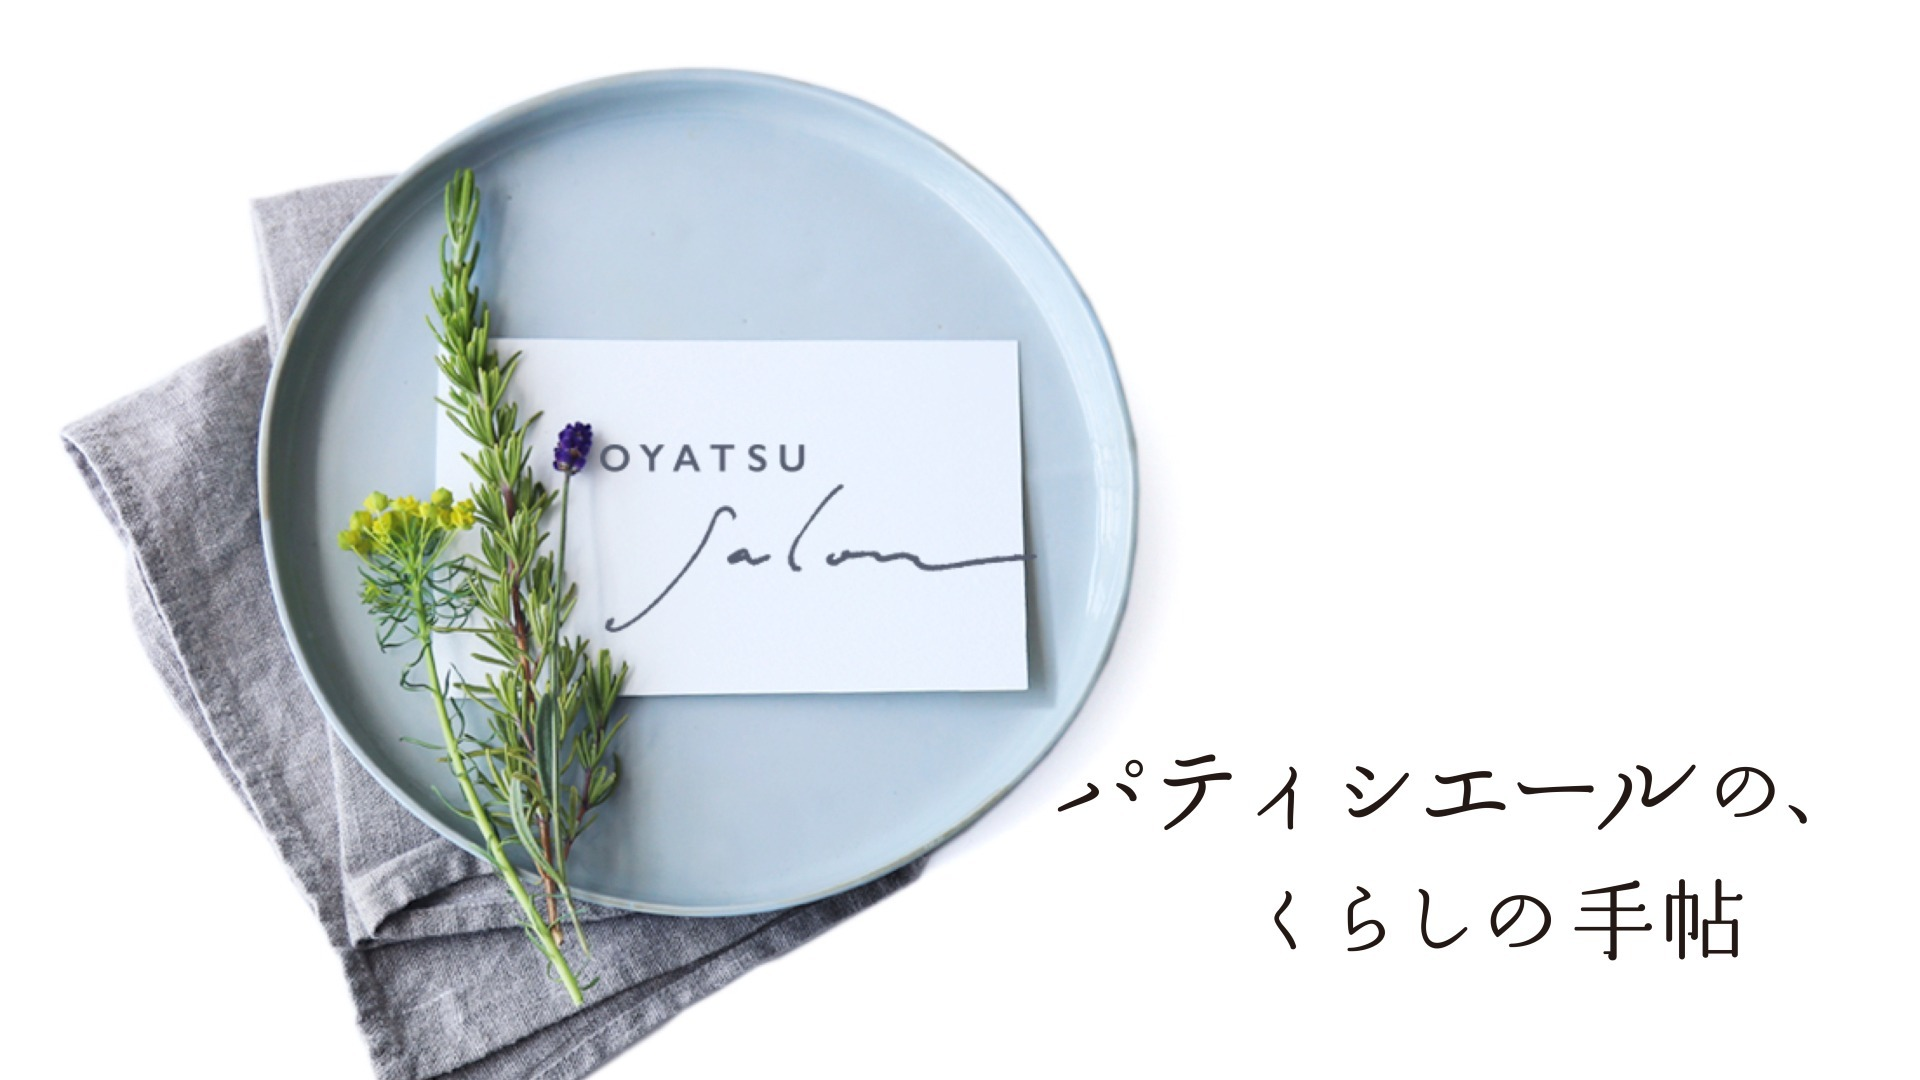 OYATSU Salon